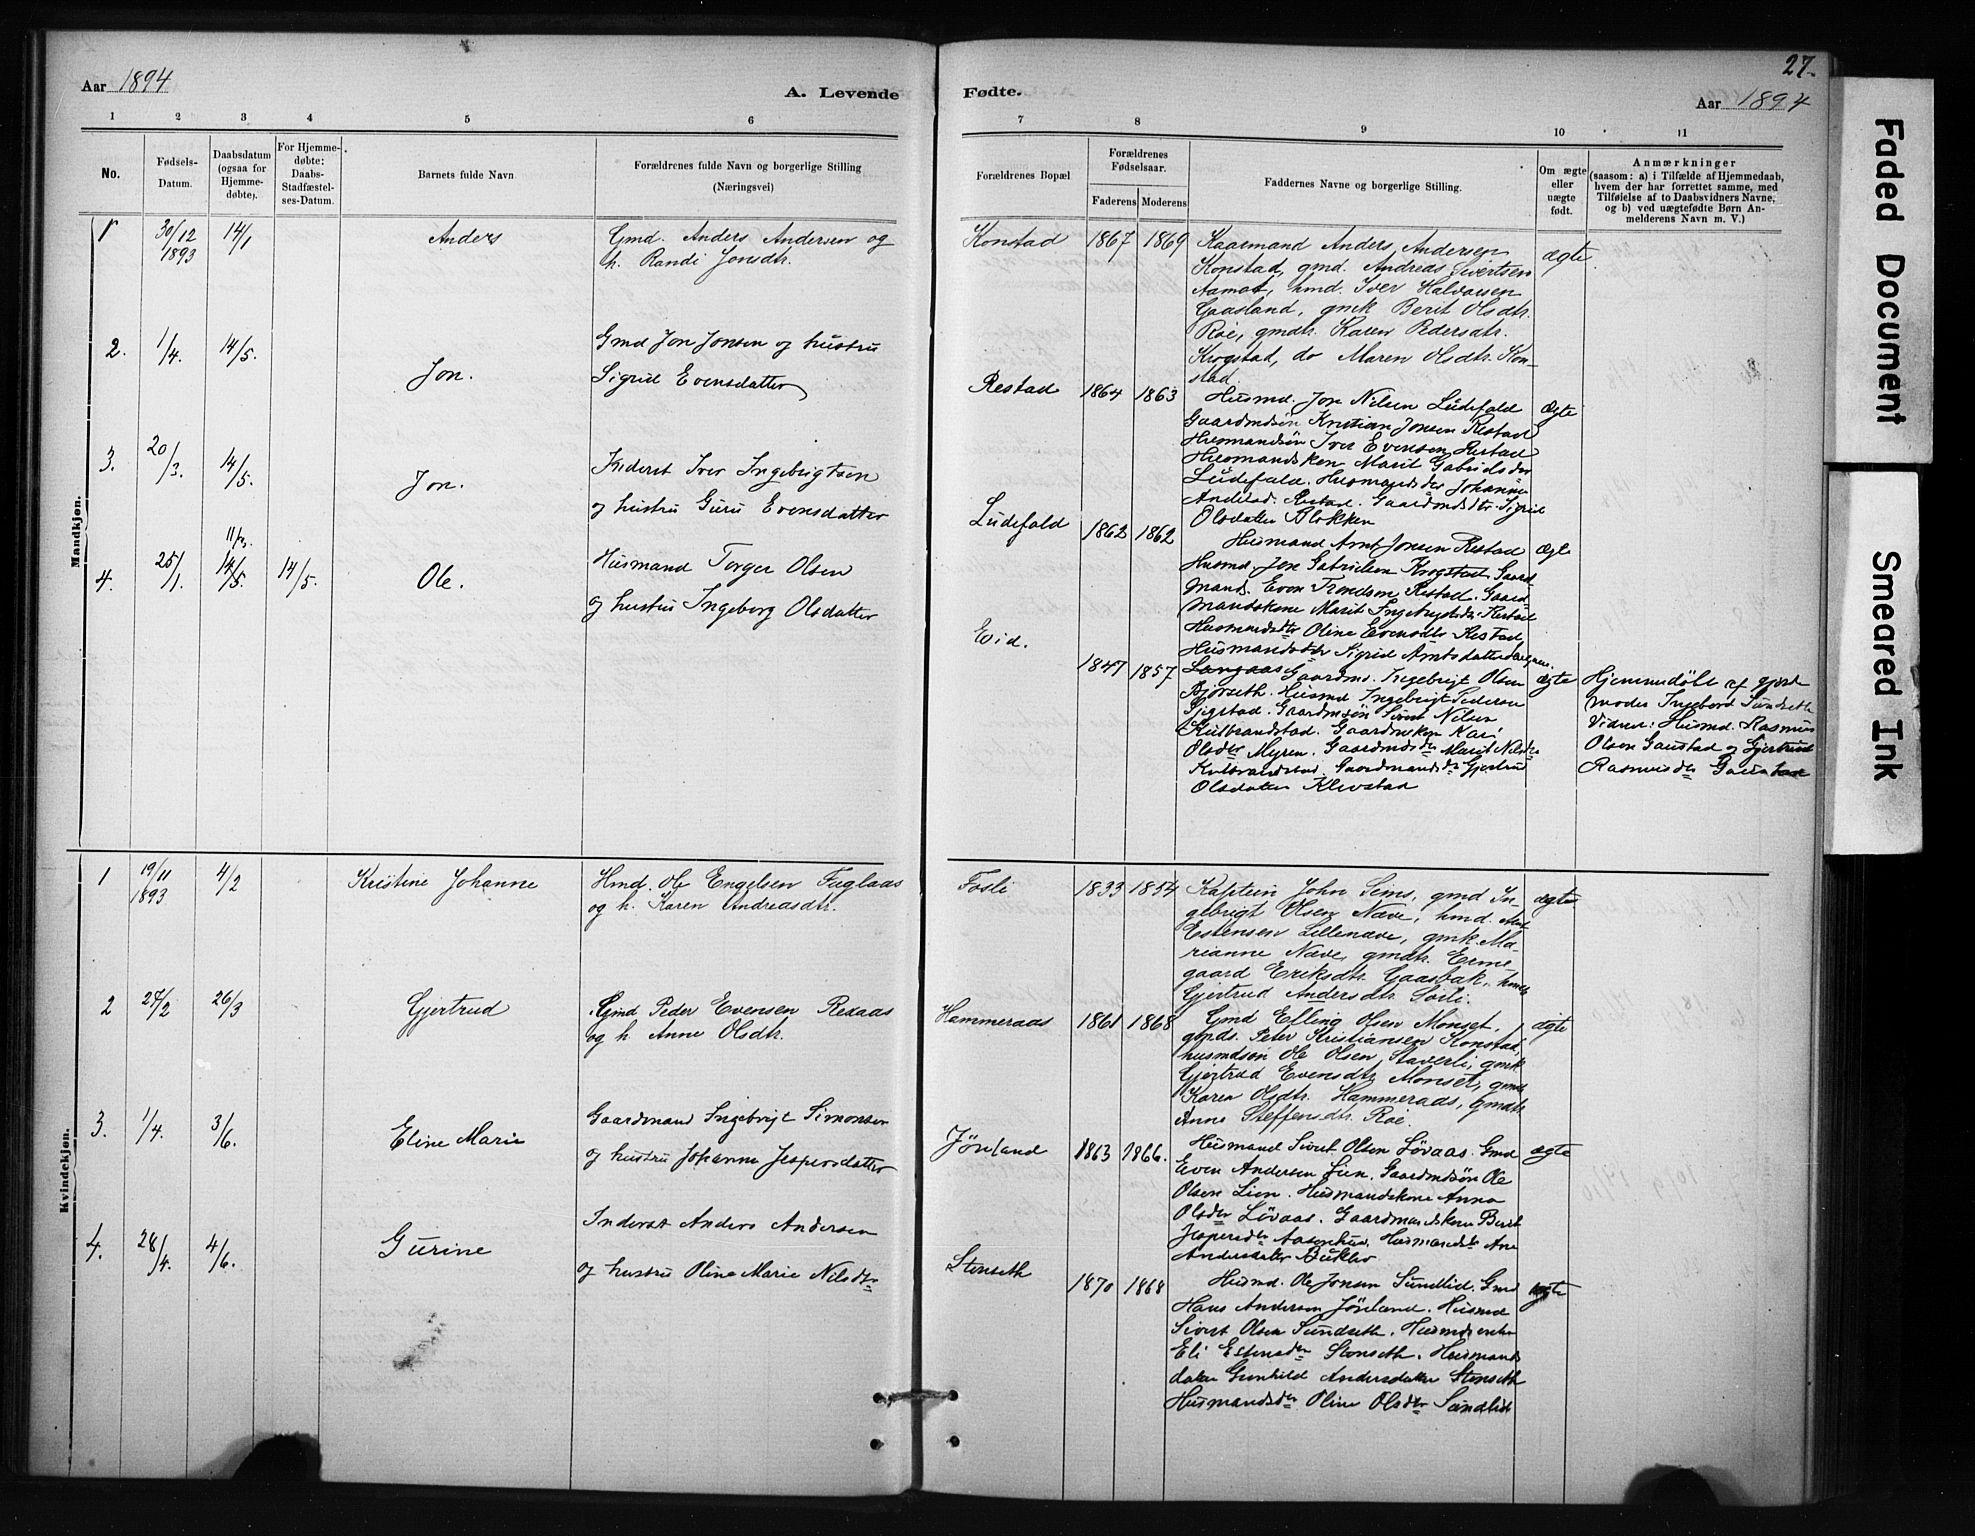 SAT, Ministerialprotokoller, klokkerbøker og fødselsregistre - Sør-Trøndelag, 694/L1127: Ministerialbok nr. 694A01, 1887-1905, s. 27